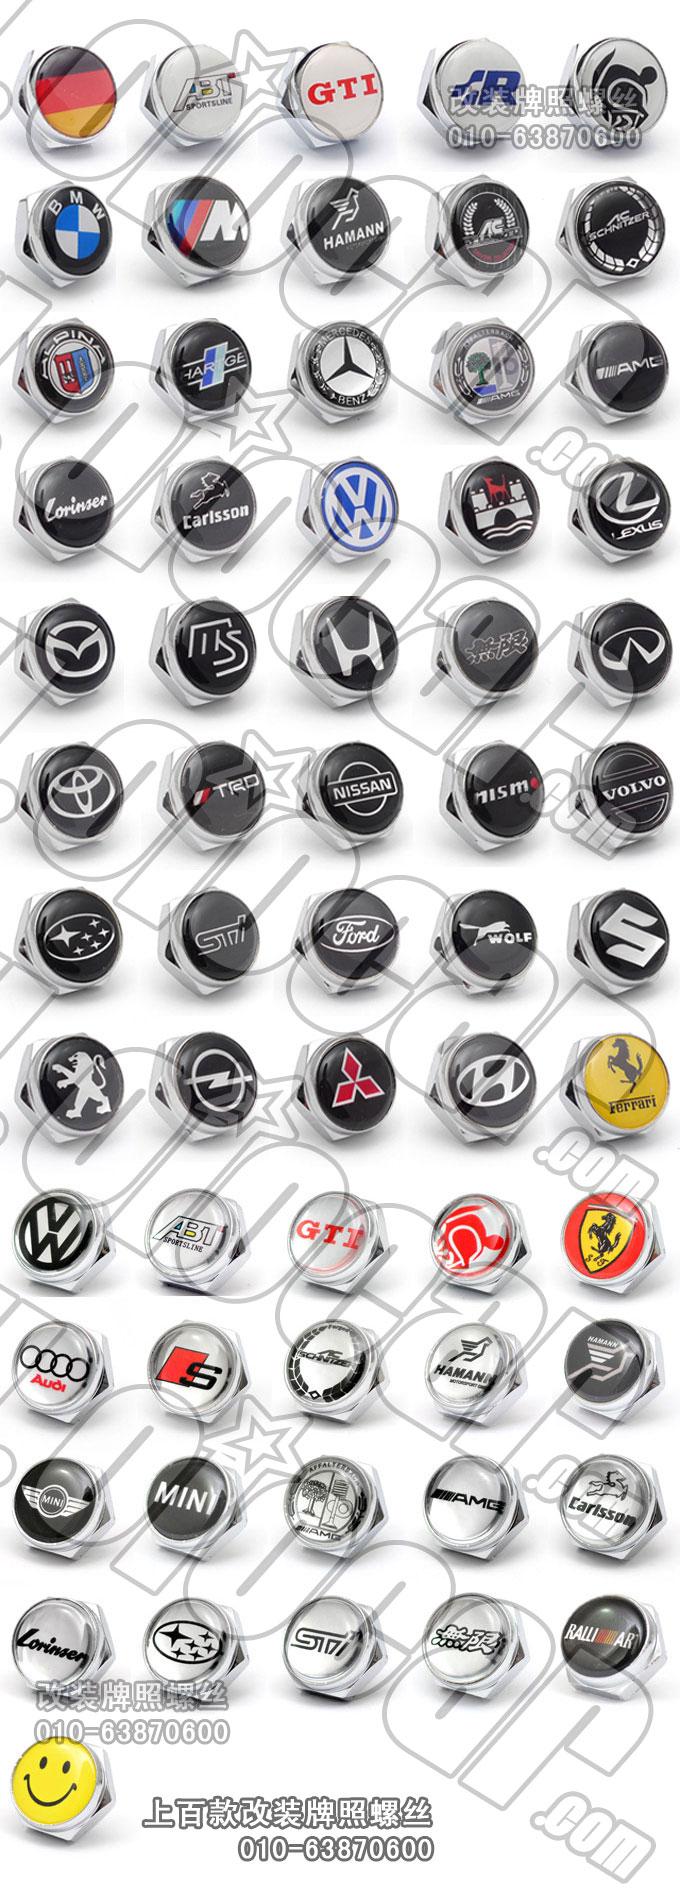 大众汽车公司的德文volkswagen,意为大众使用的汽车;图形商标是德文